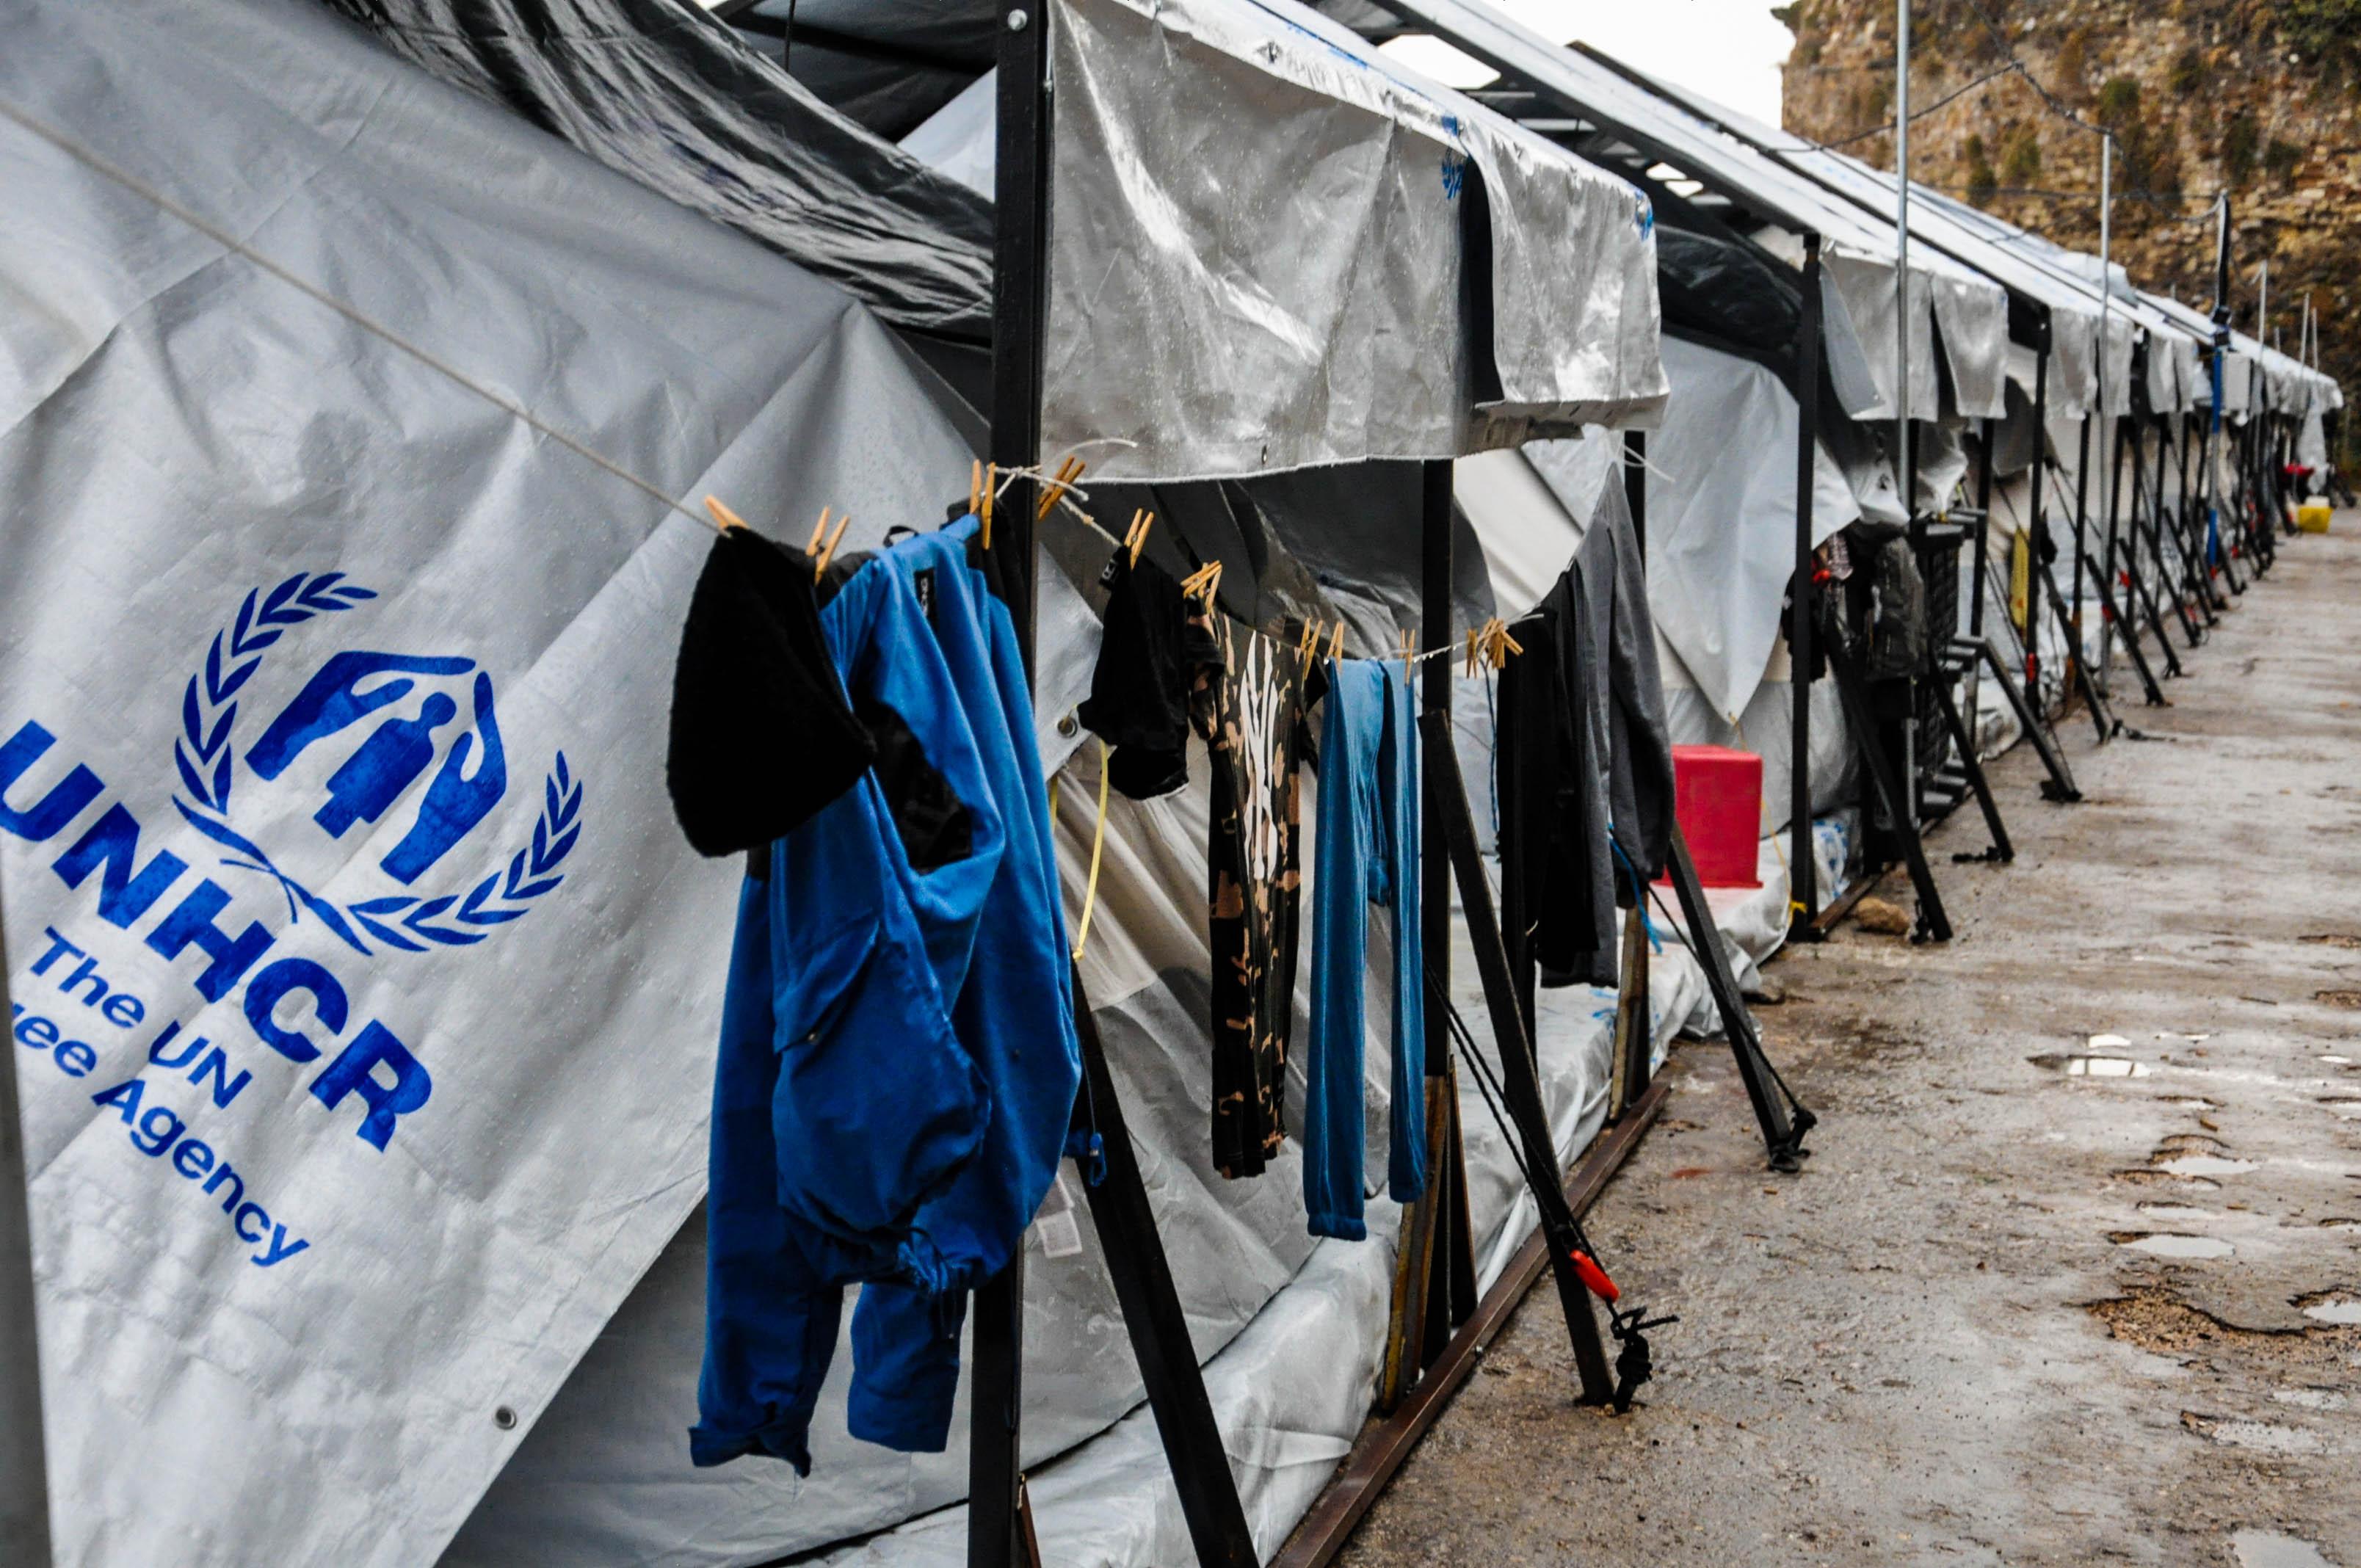 Σε νοσοκομείο της Αθήνας ο Σύρος που αυτοπυρπολήθηκε στη Χίο | tovima.gr